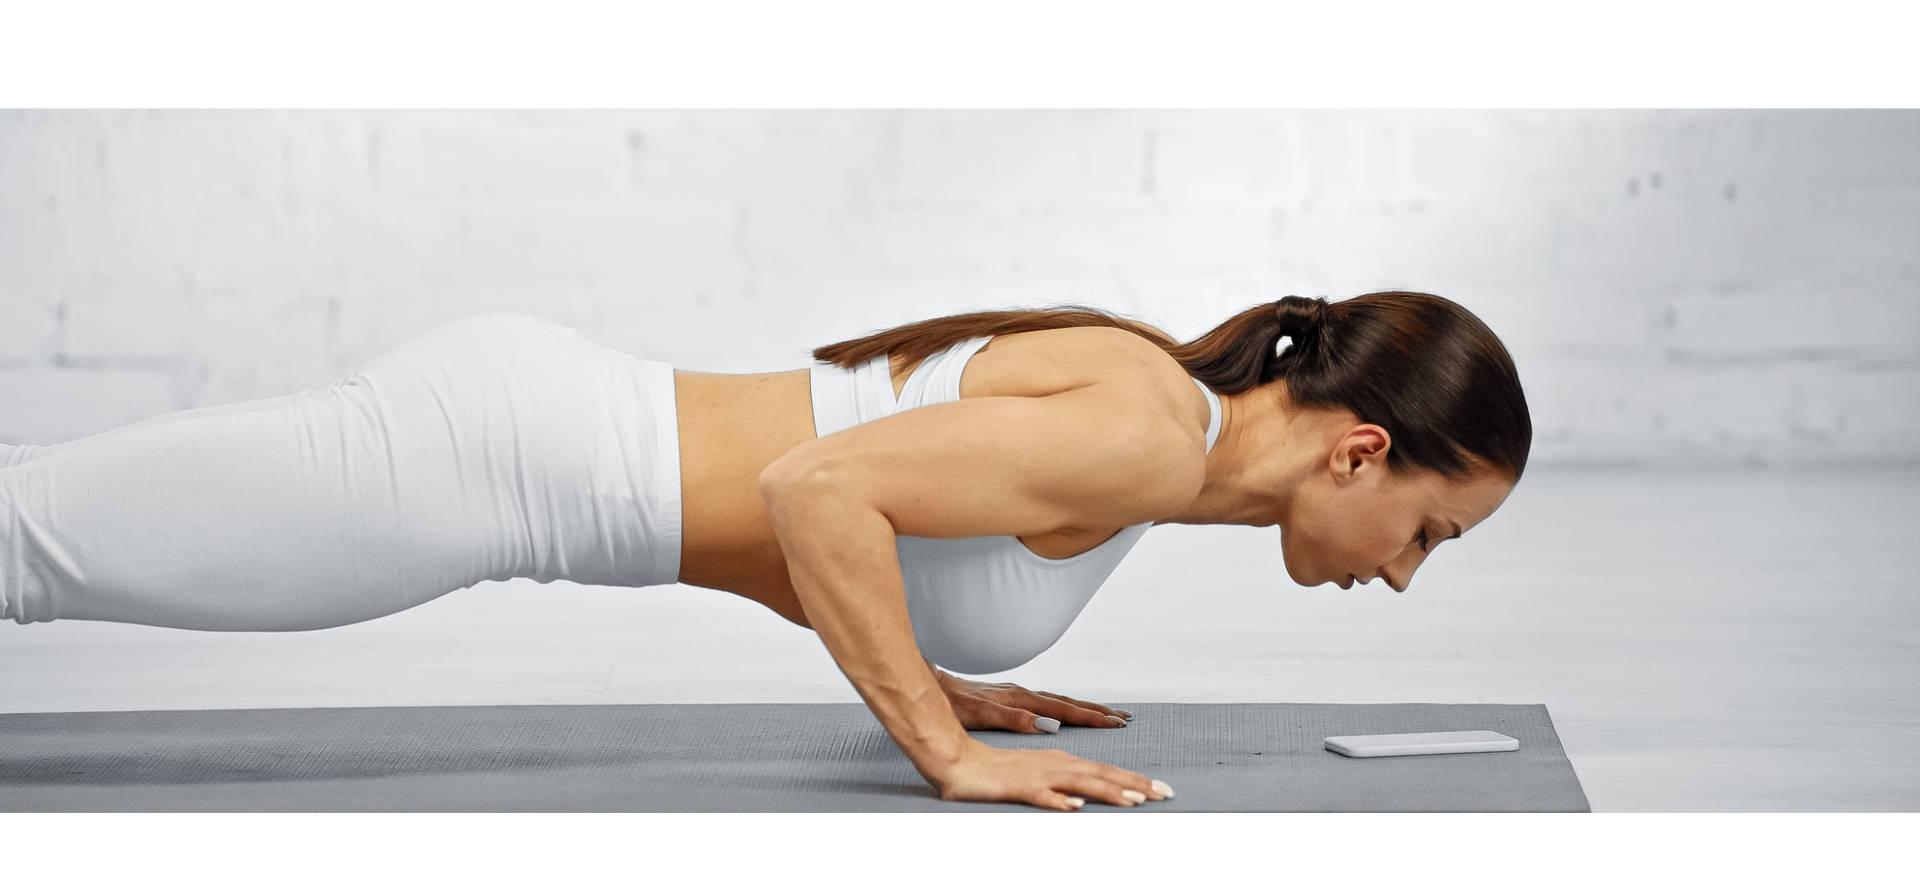 Le migliori app fitness, per allenarsi a casa